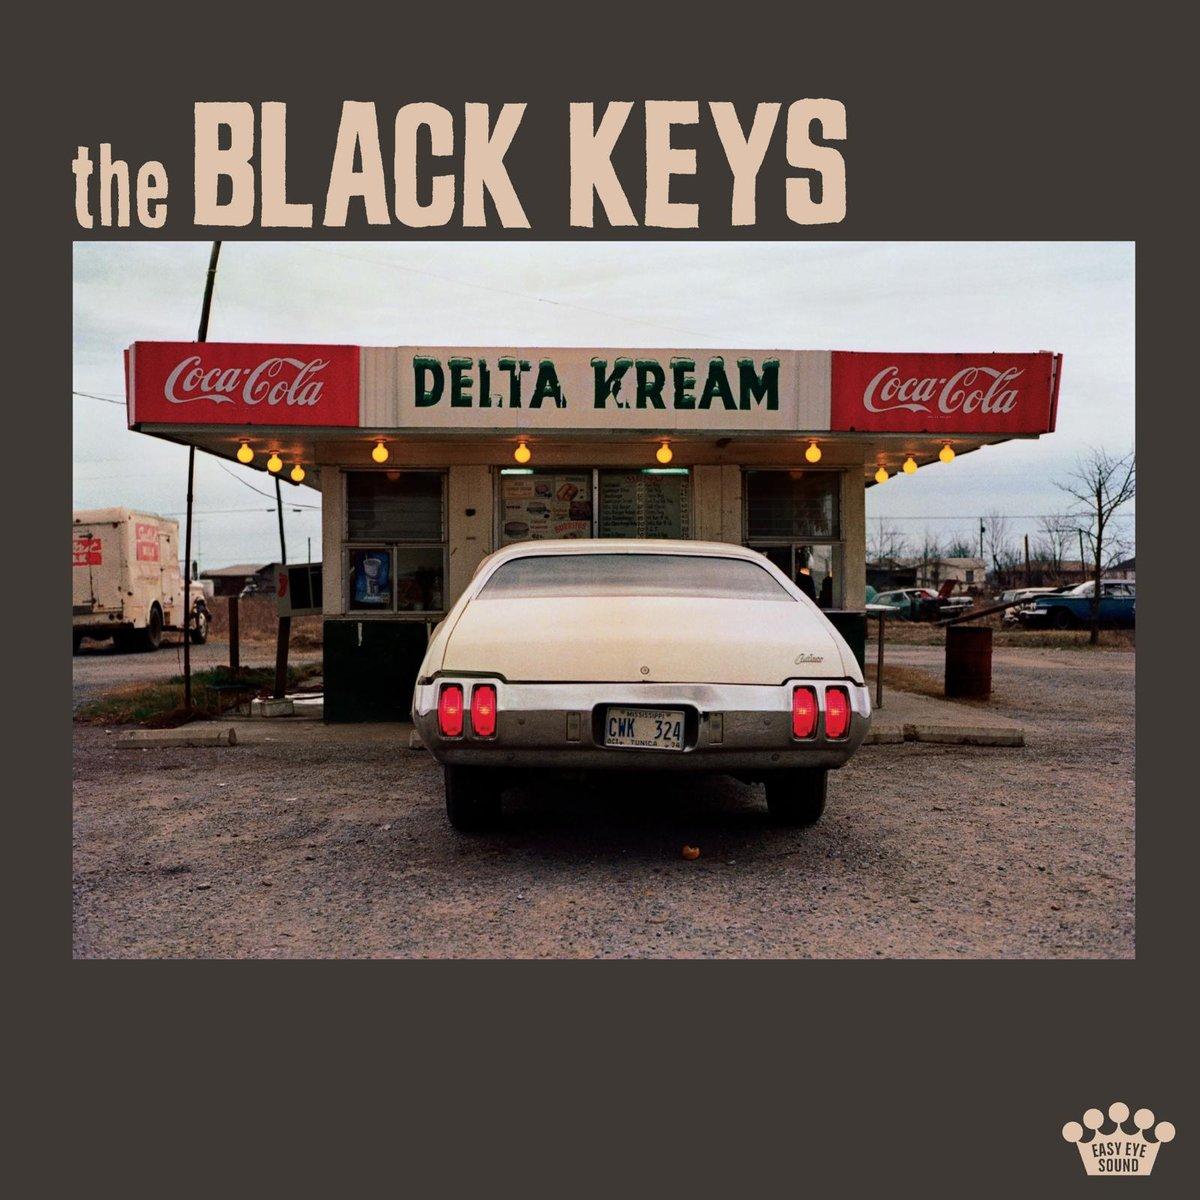 BLACK KEYS – Delta Kream